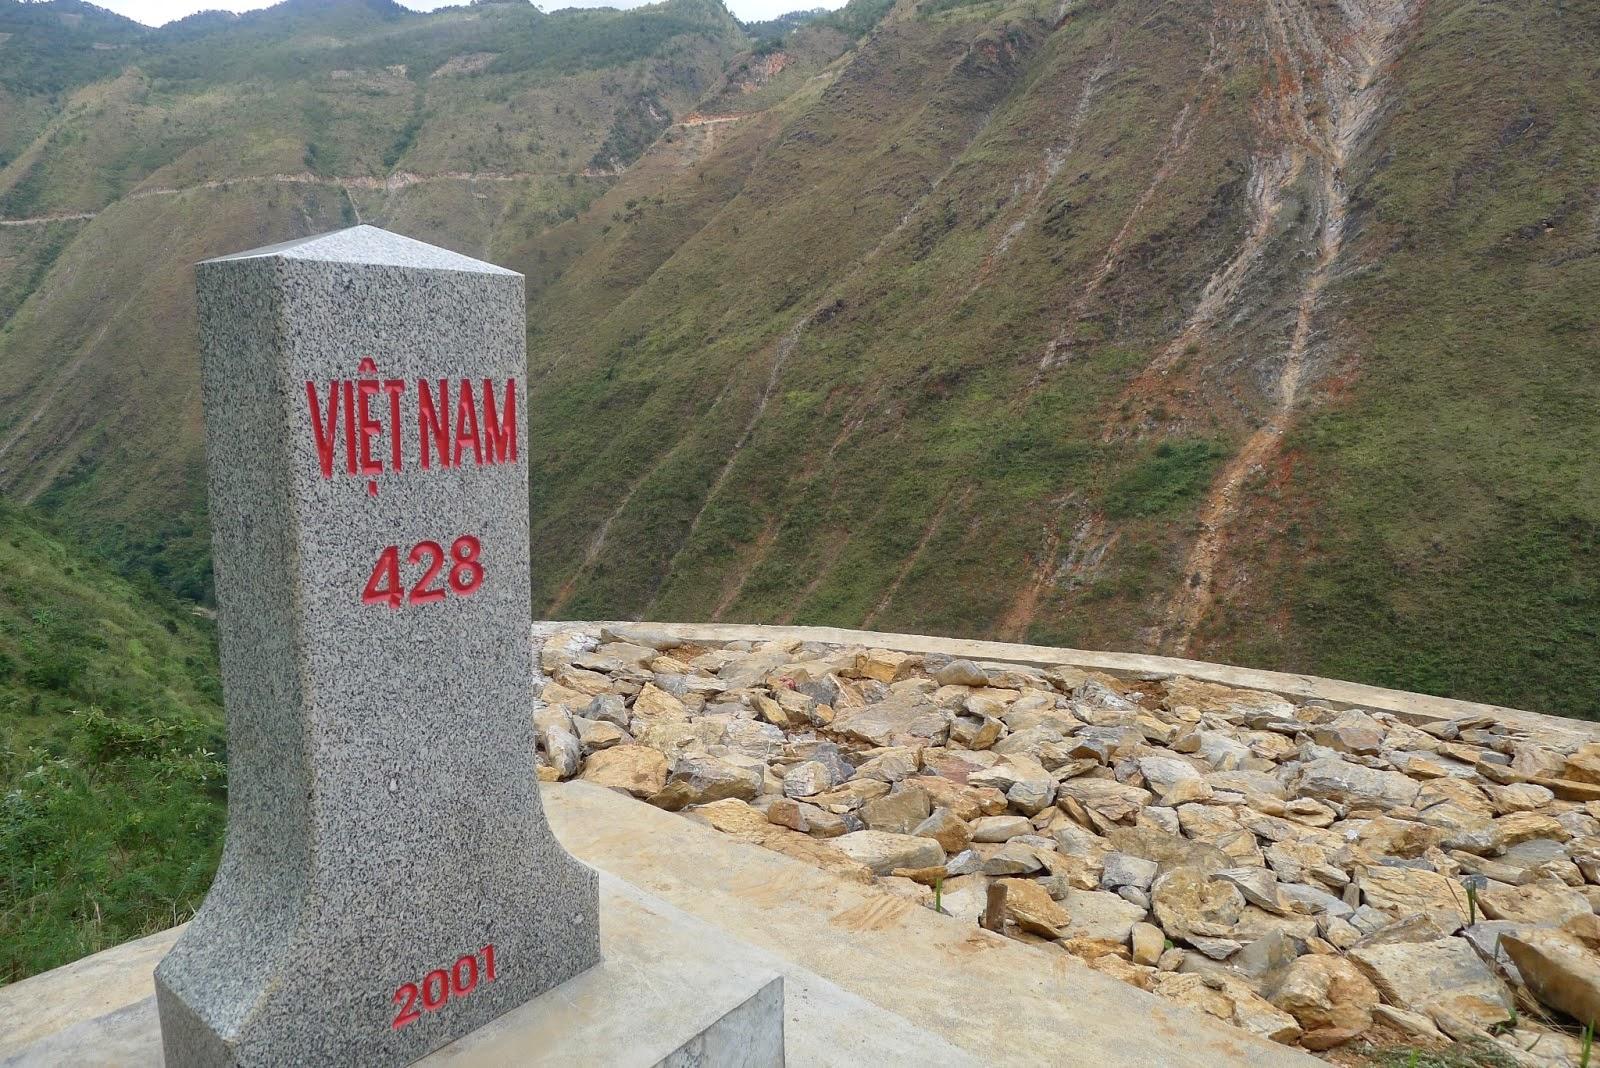 Điểm qua những cột mốc tiêu biểu của Việt Nam4